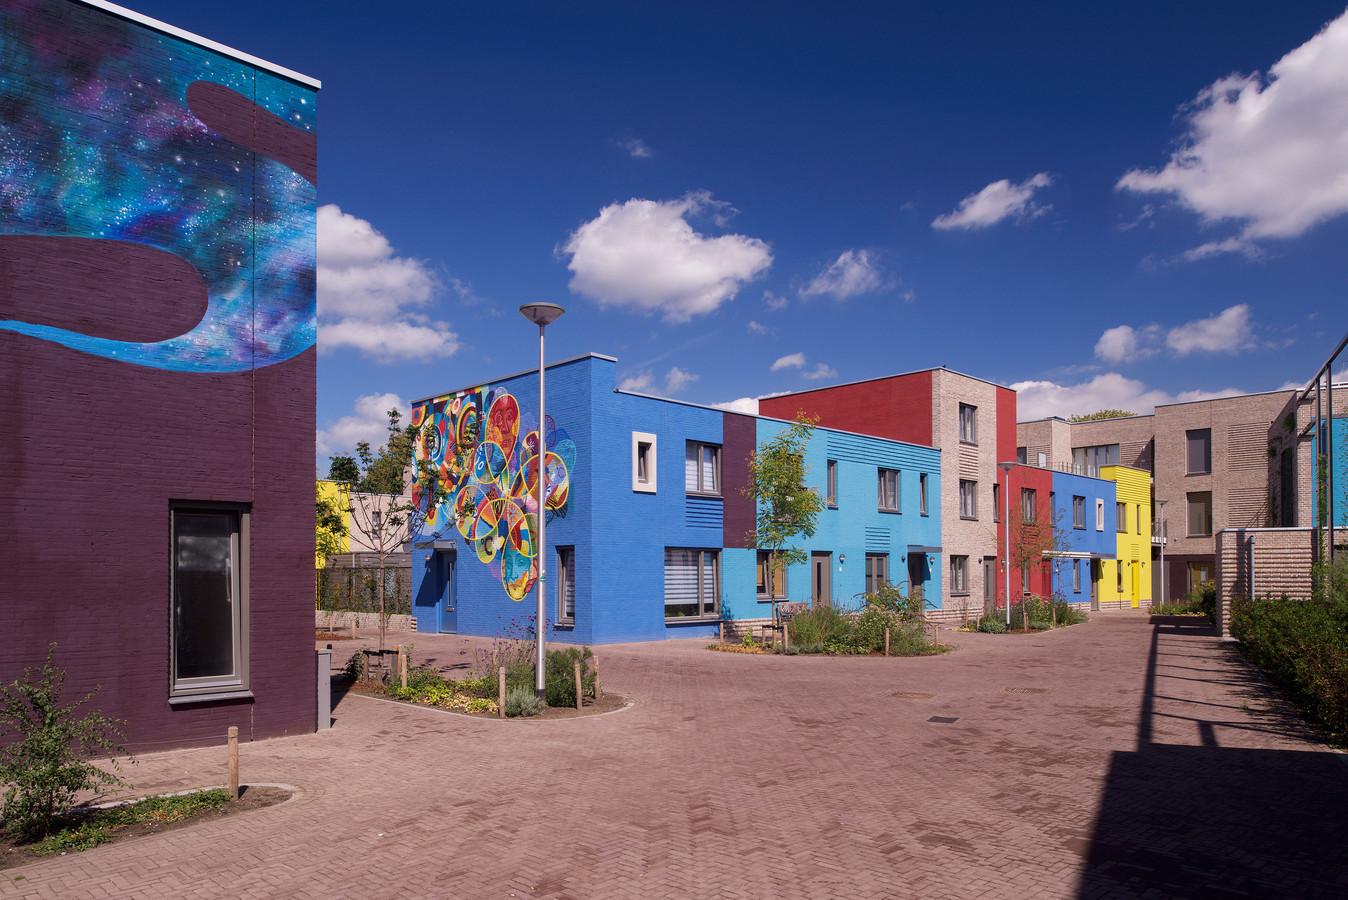 Woonwijk Celsius Woensel-West Eindhoven, genomineerd voor de Dirk Roosenburgprijs 2019.